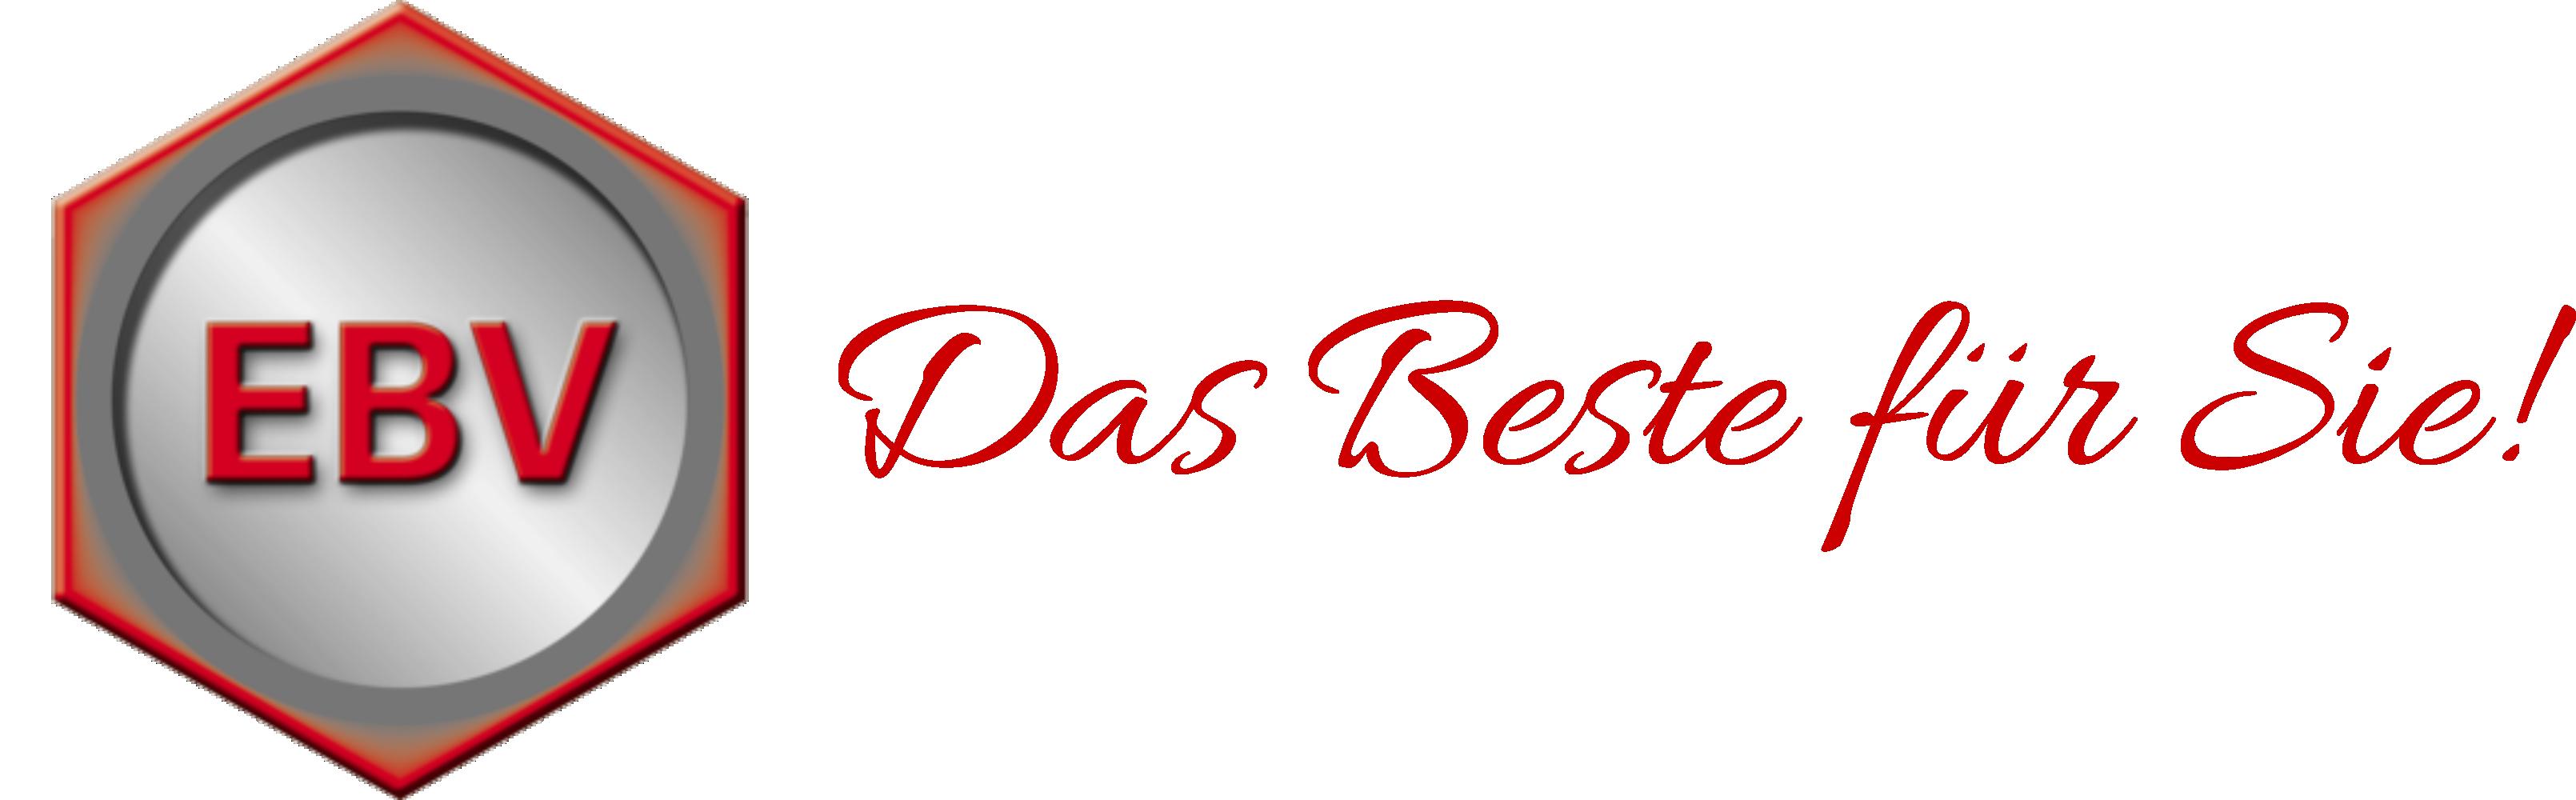 BESPORTBLE Nummer Vorh/ängeschloss 4 Zifferblatt Gep/äckschl/össer Metallkoffer Passwortschloss f/ür Outdoor-Reiseschrank Gep/äck 5 St/ück Schwarz + Silber + Blau + Rot + Gelb